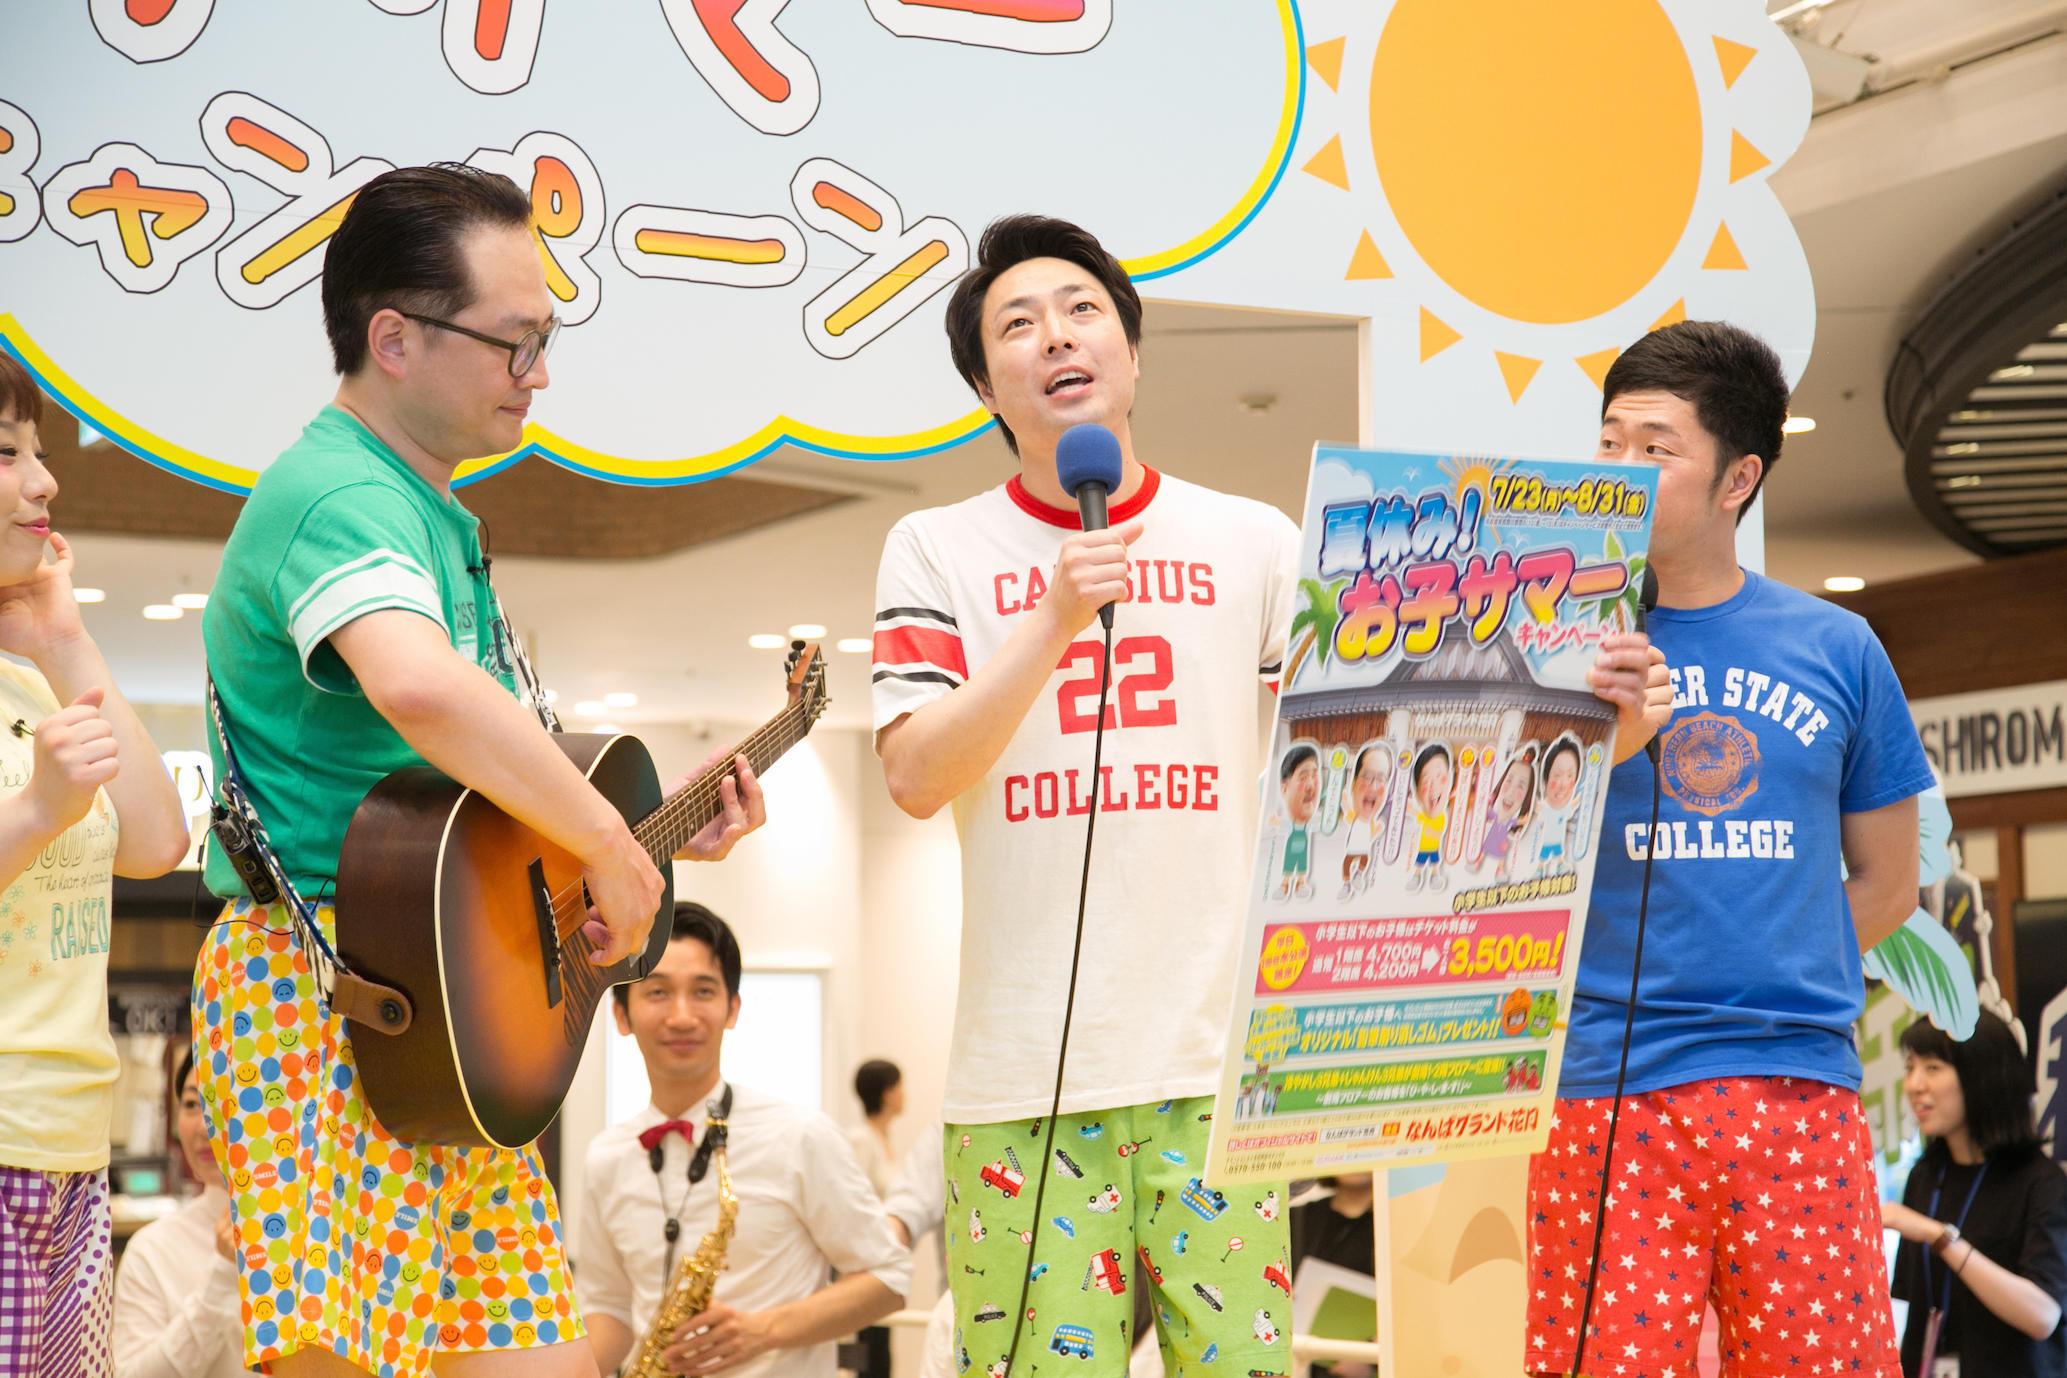 http://news.yoshimoto.co.jp/20180717223106-d3ad8348316570ce50a5af39838e89d158bb43f5.jpg